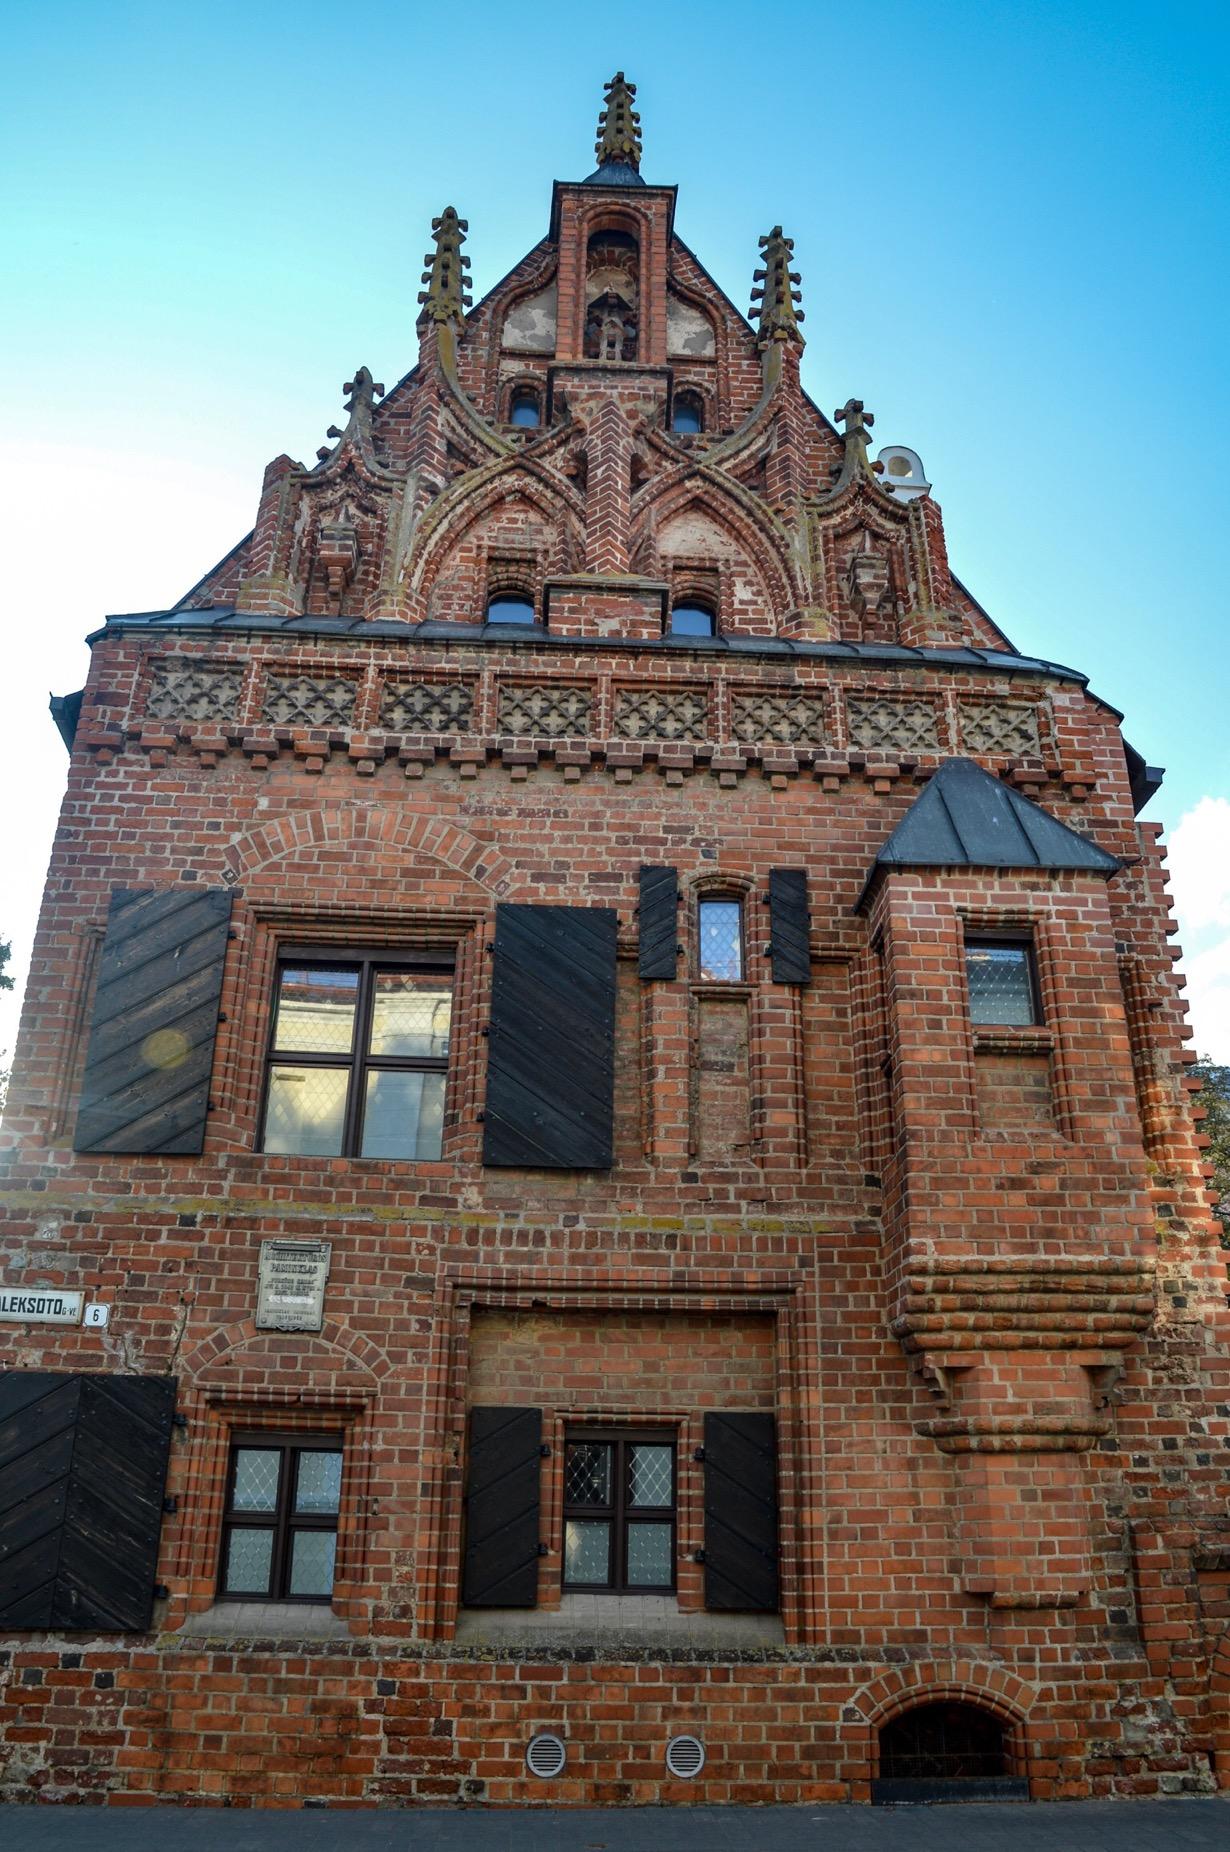 Thunder House, Kaunas, Lithuania